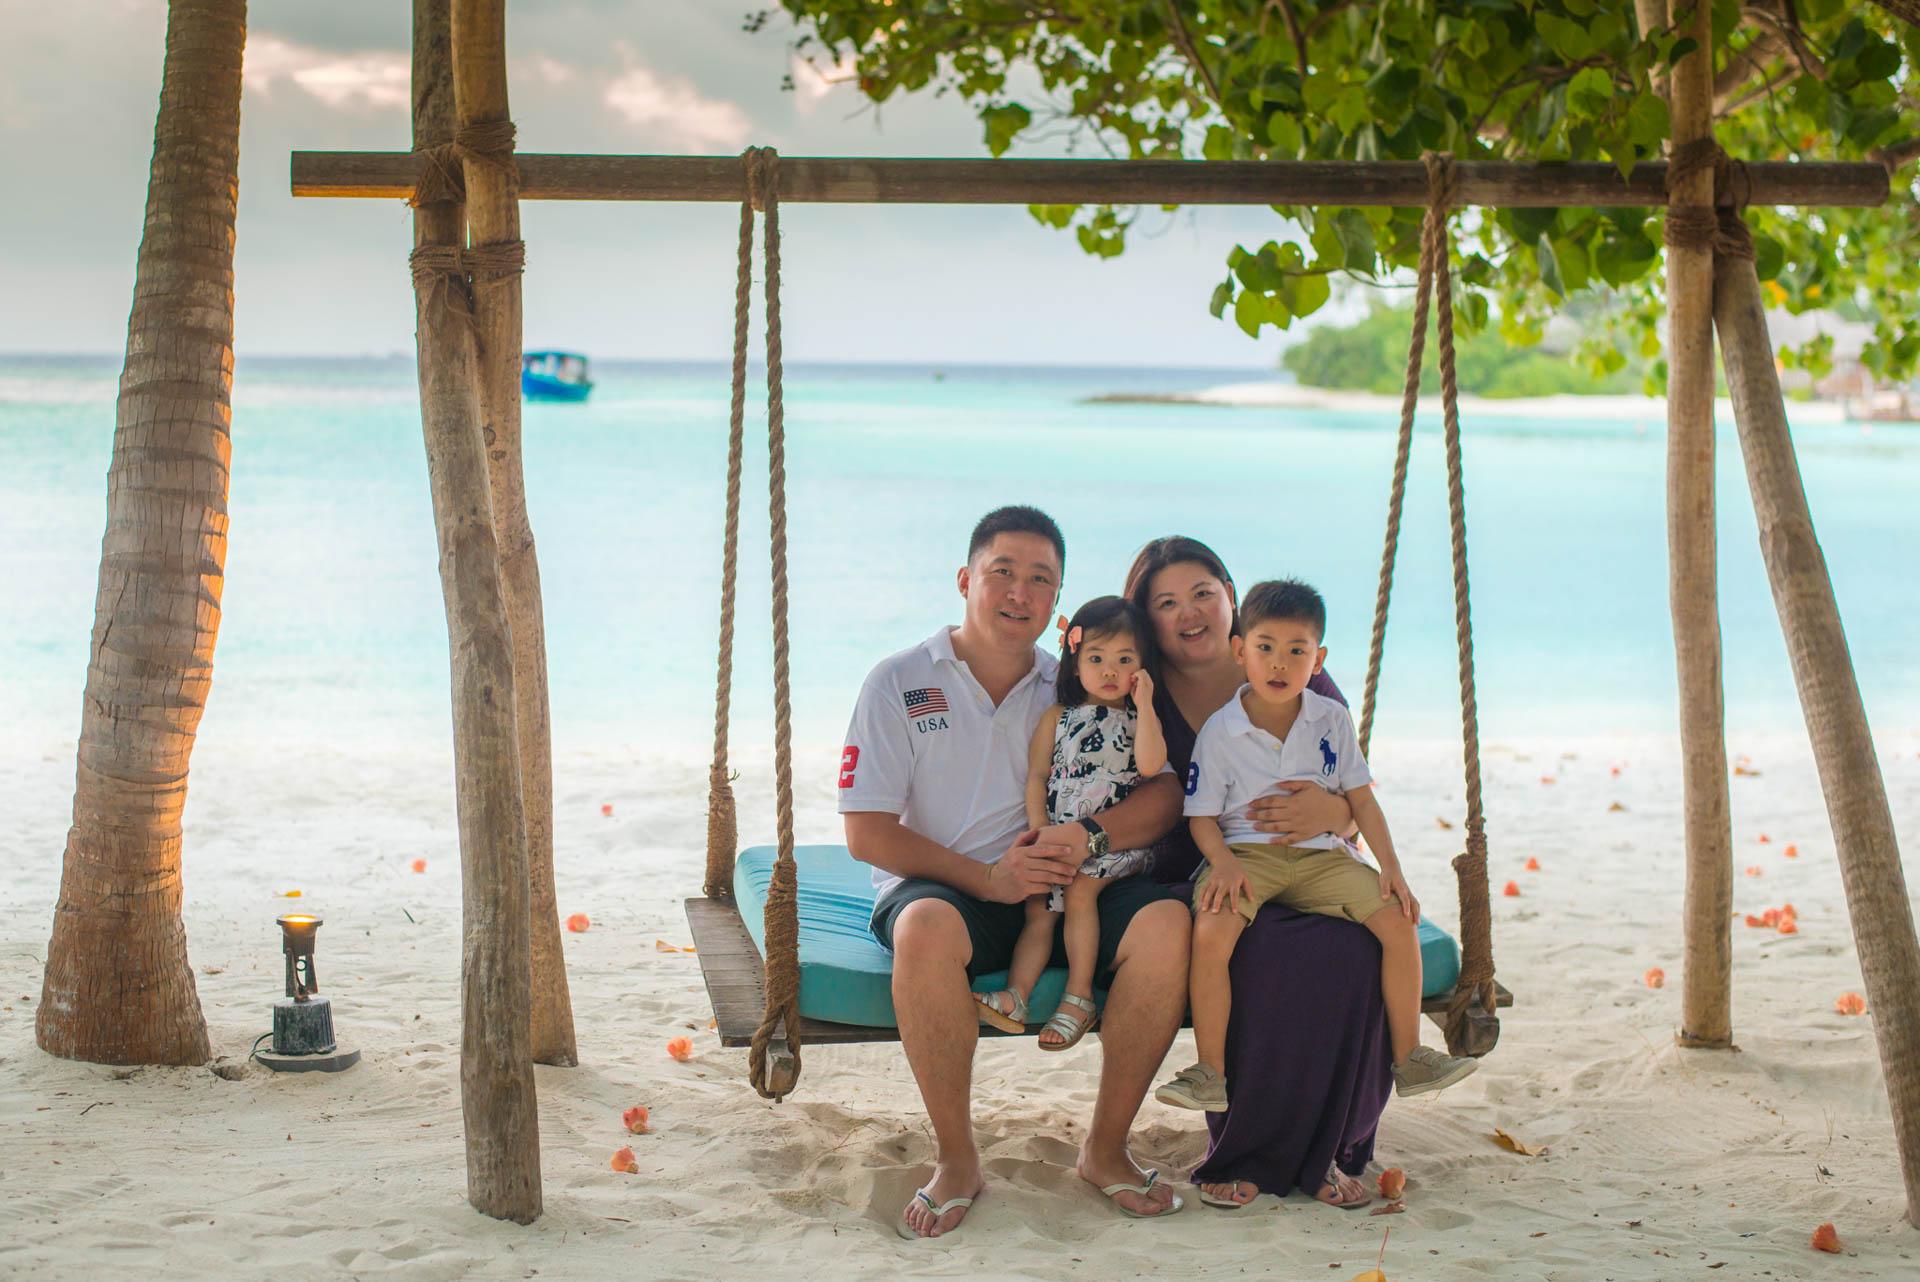 Rosa Family at Four seaons Maldives 57